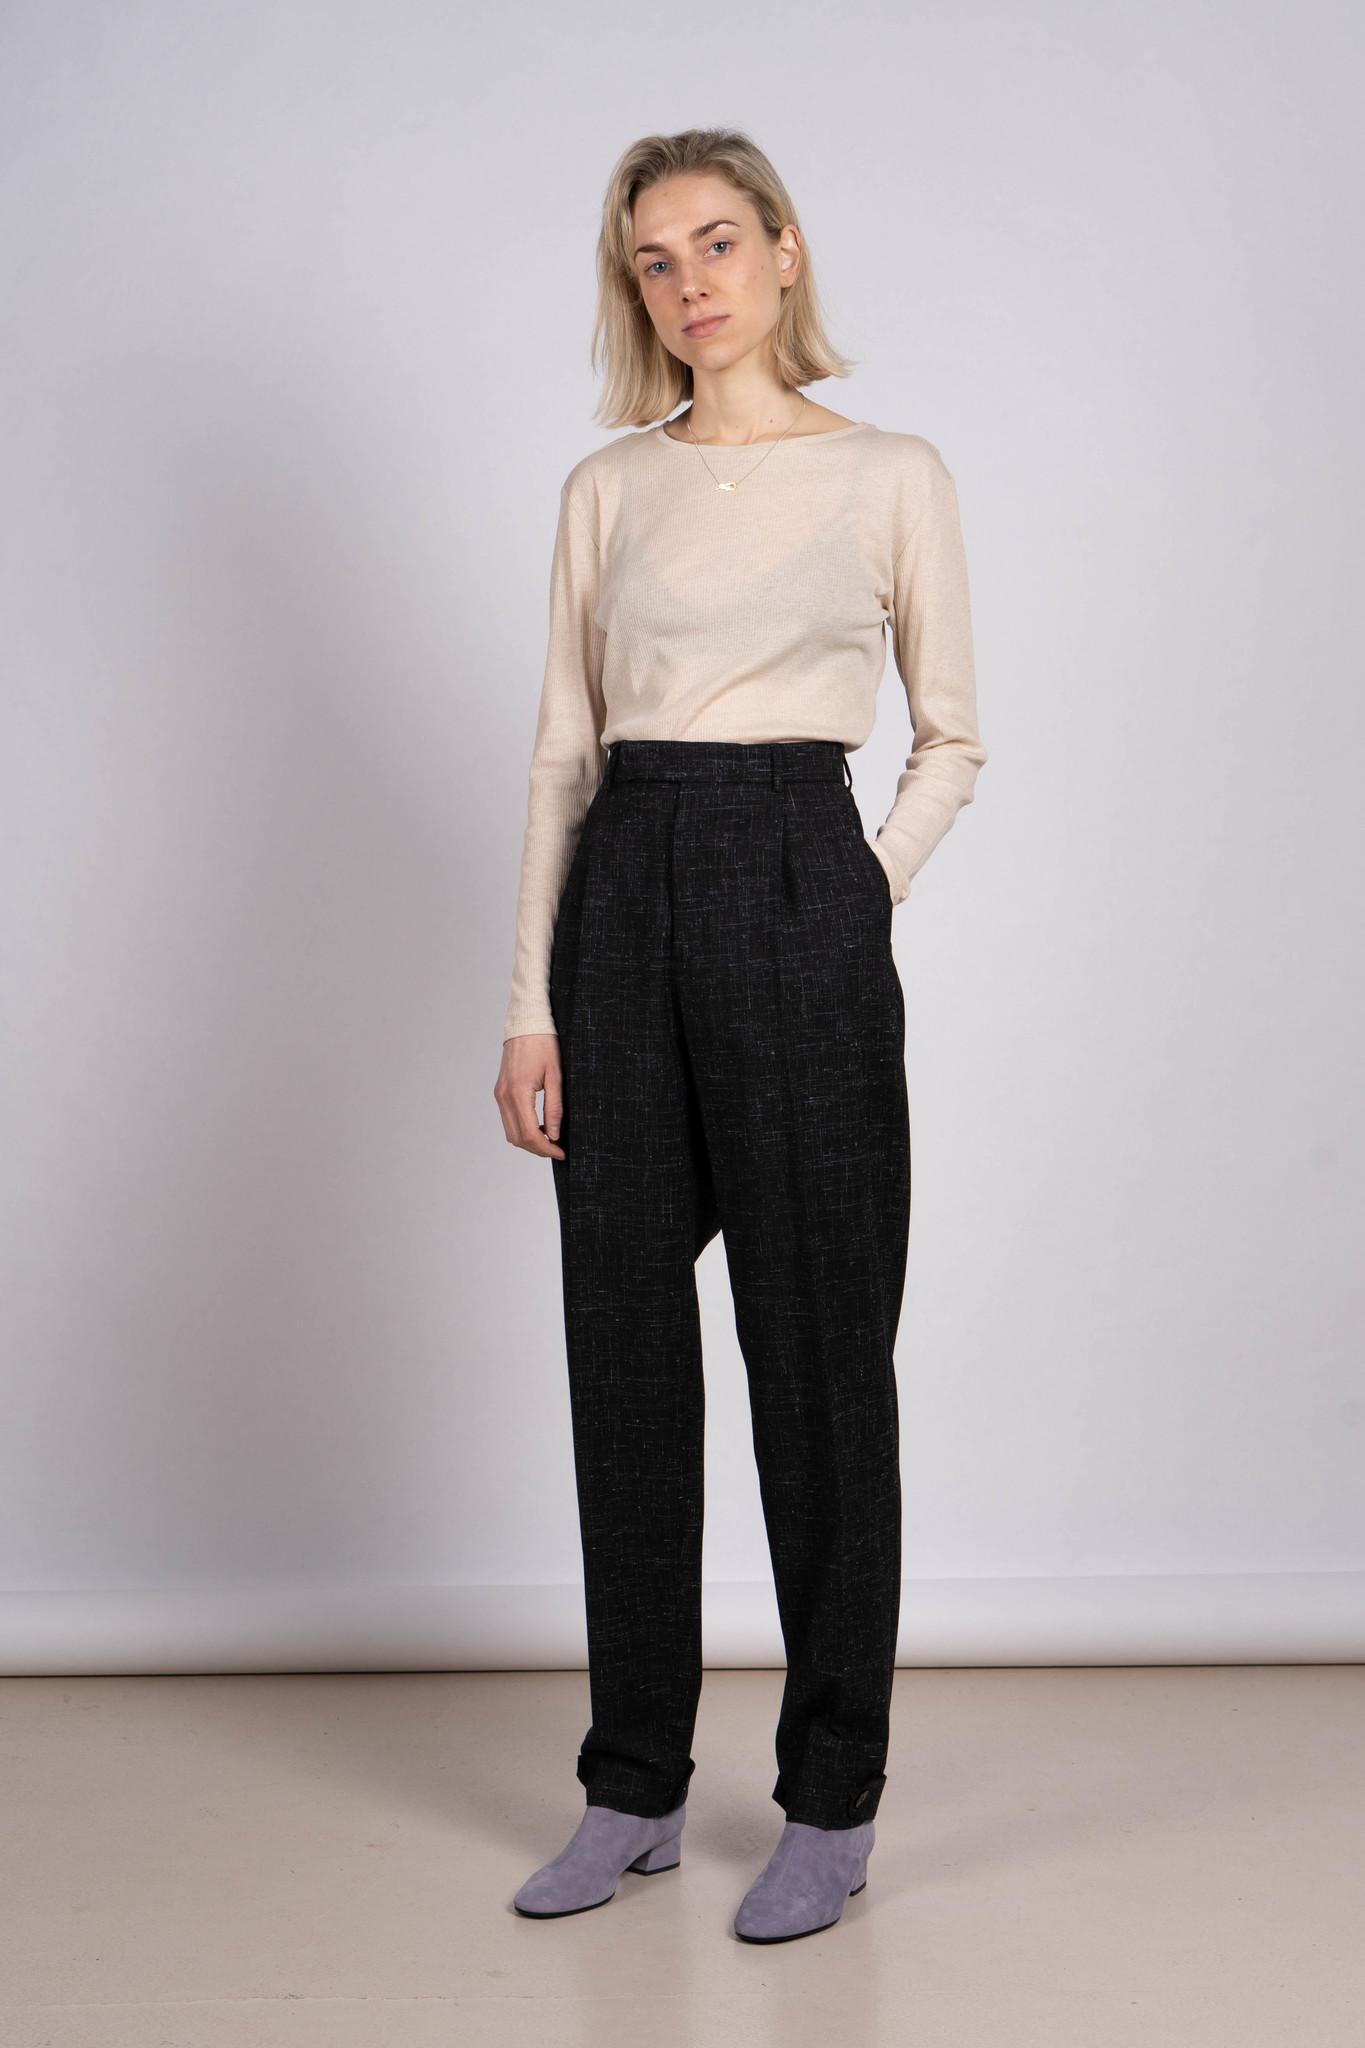 Alta Cuff trouser Black Structure